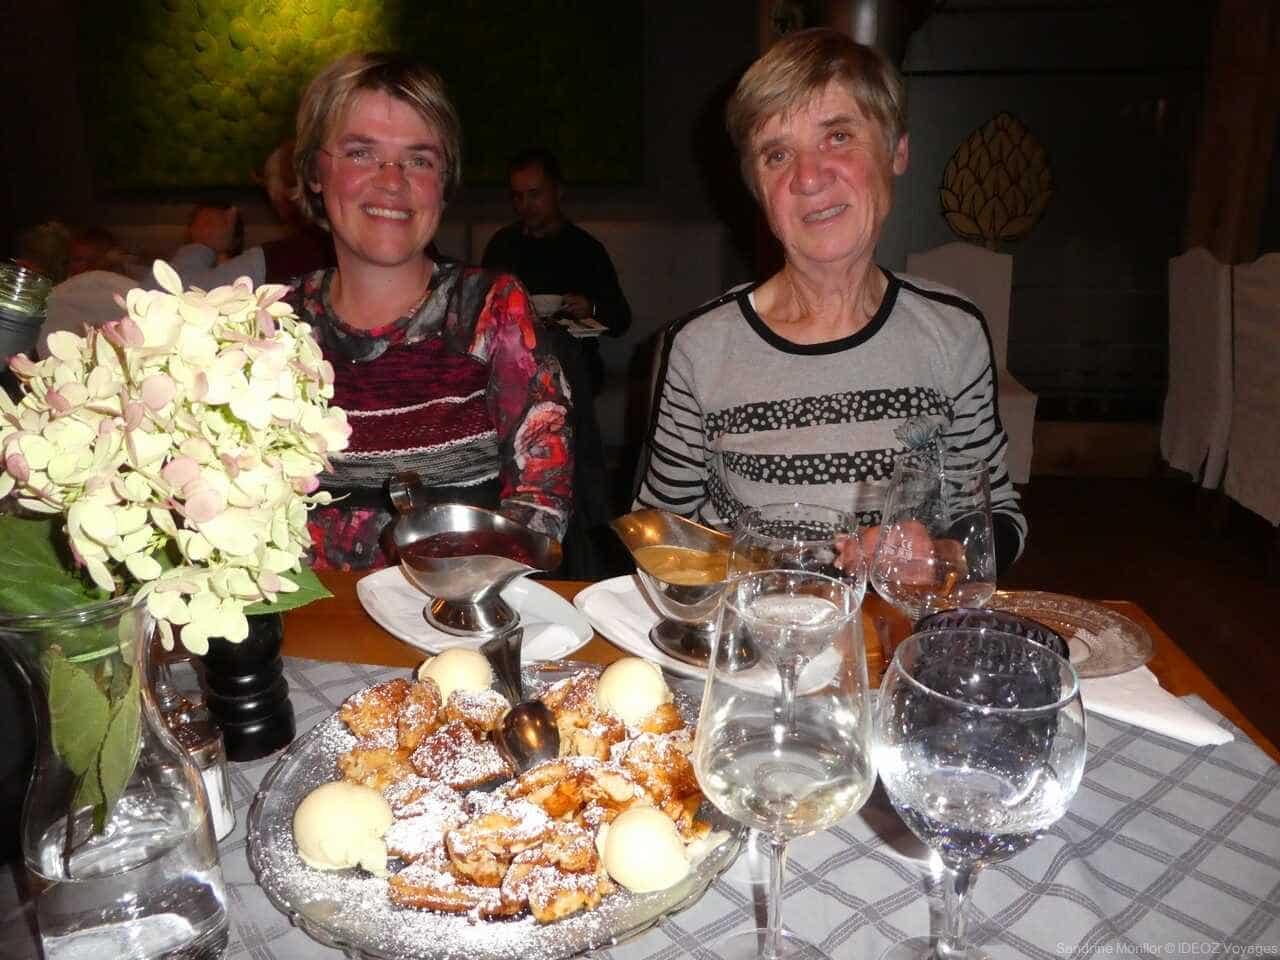 Restaurant Hummel sandrine monllor face au Kaiserschmarren impérial et délicieux